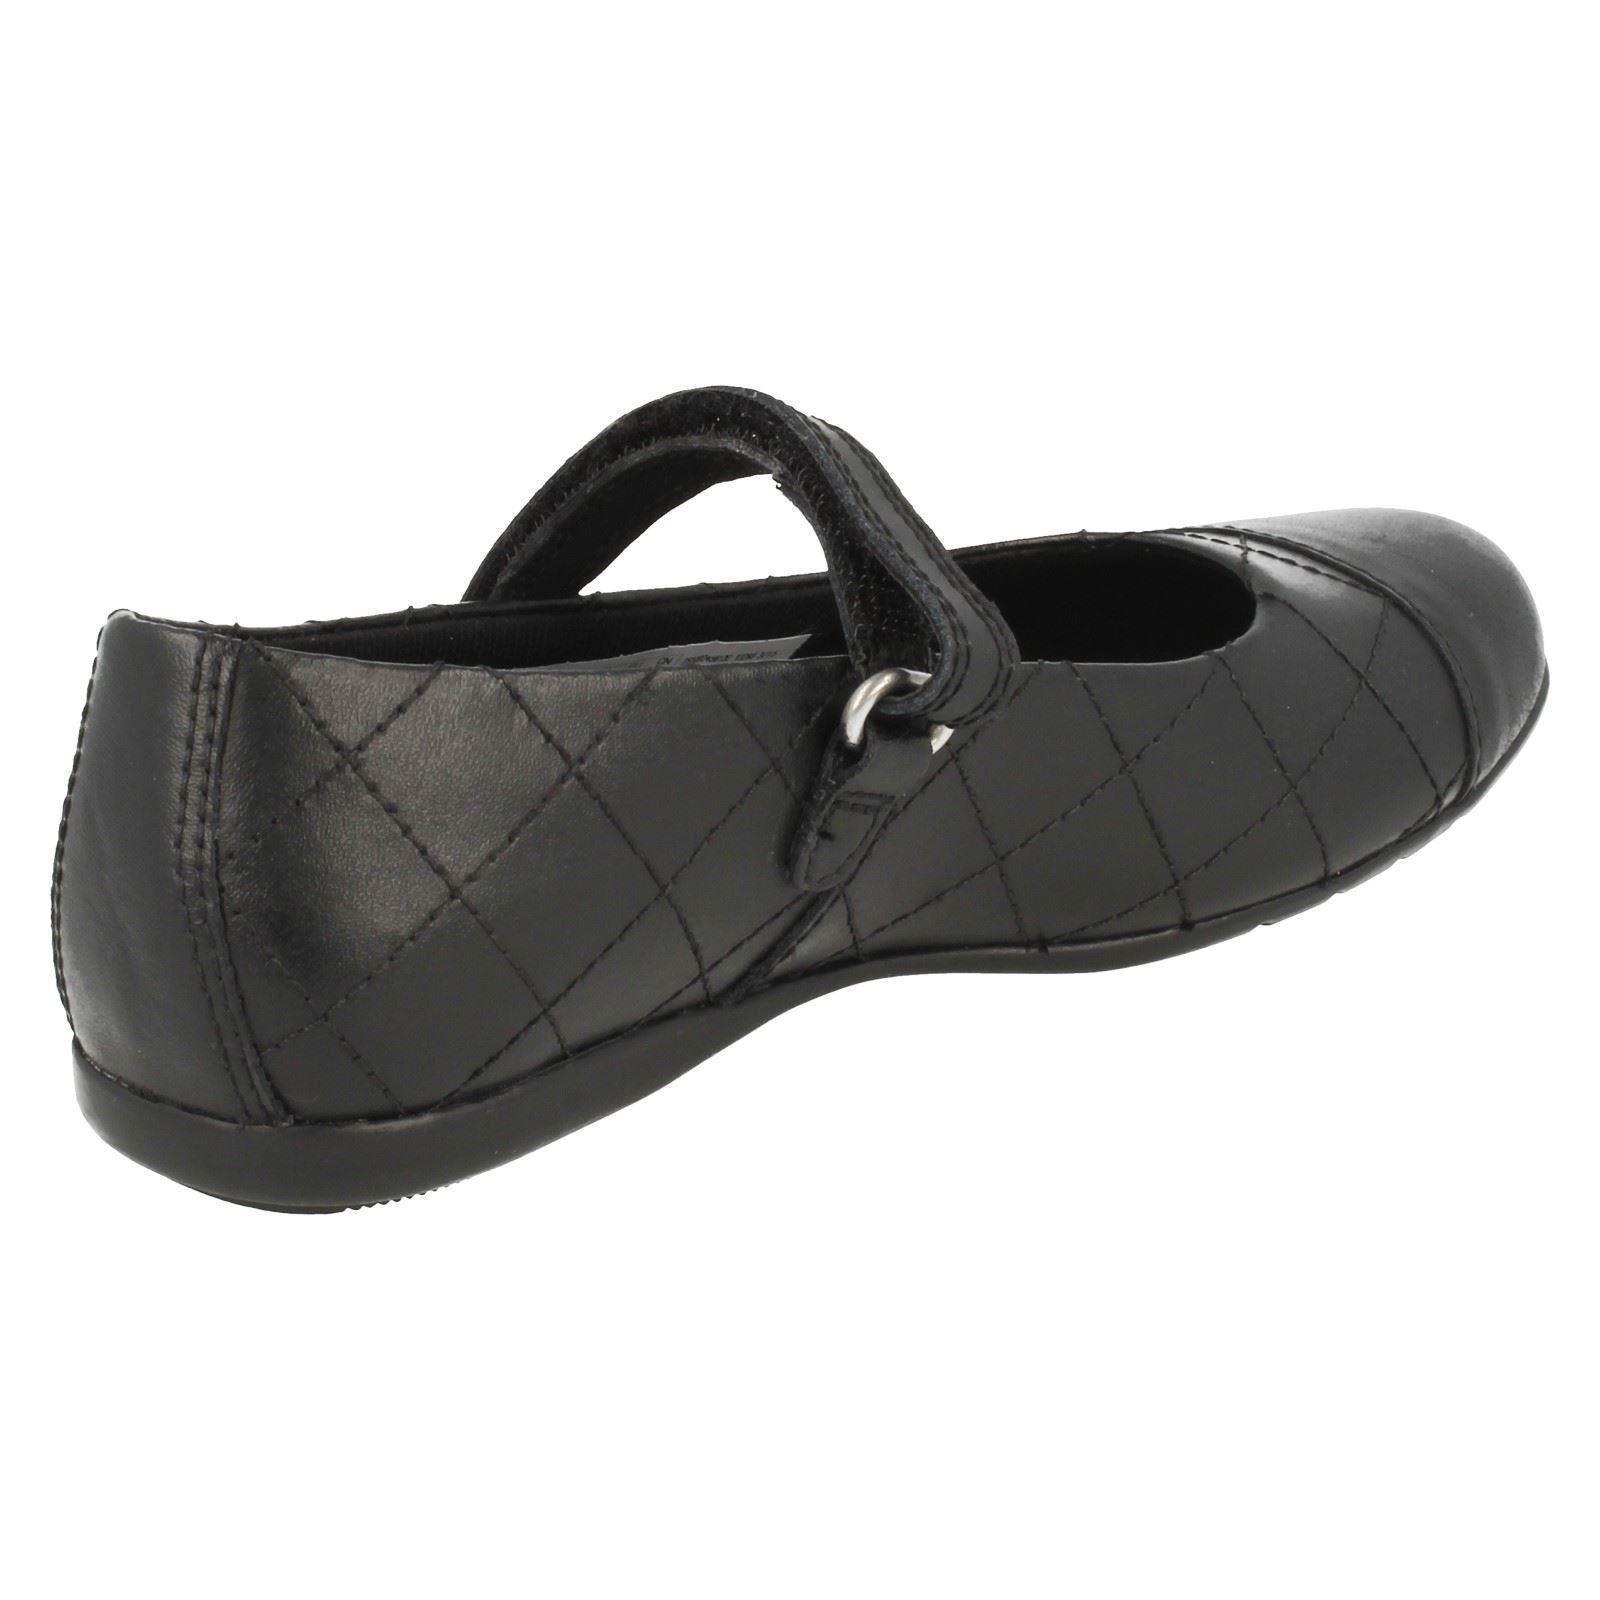 75ad98c0b98dbc Filles Clarks Chaussures Style- Danse Roxy Noir eu 25 F | Achetez ...